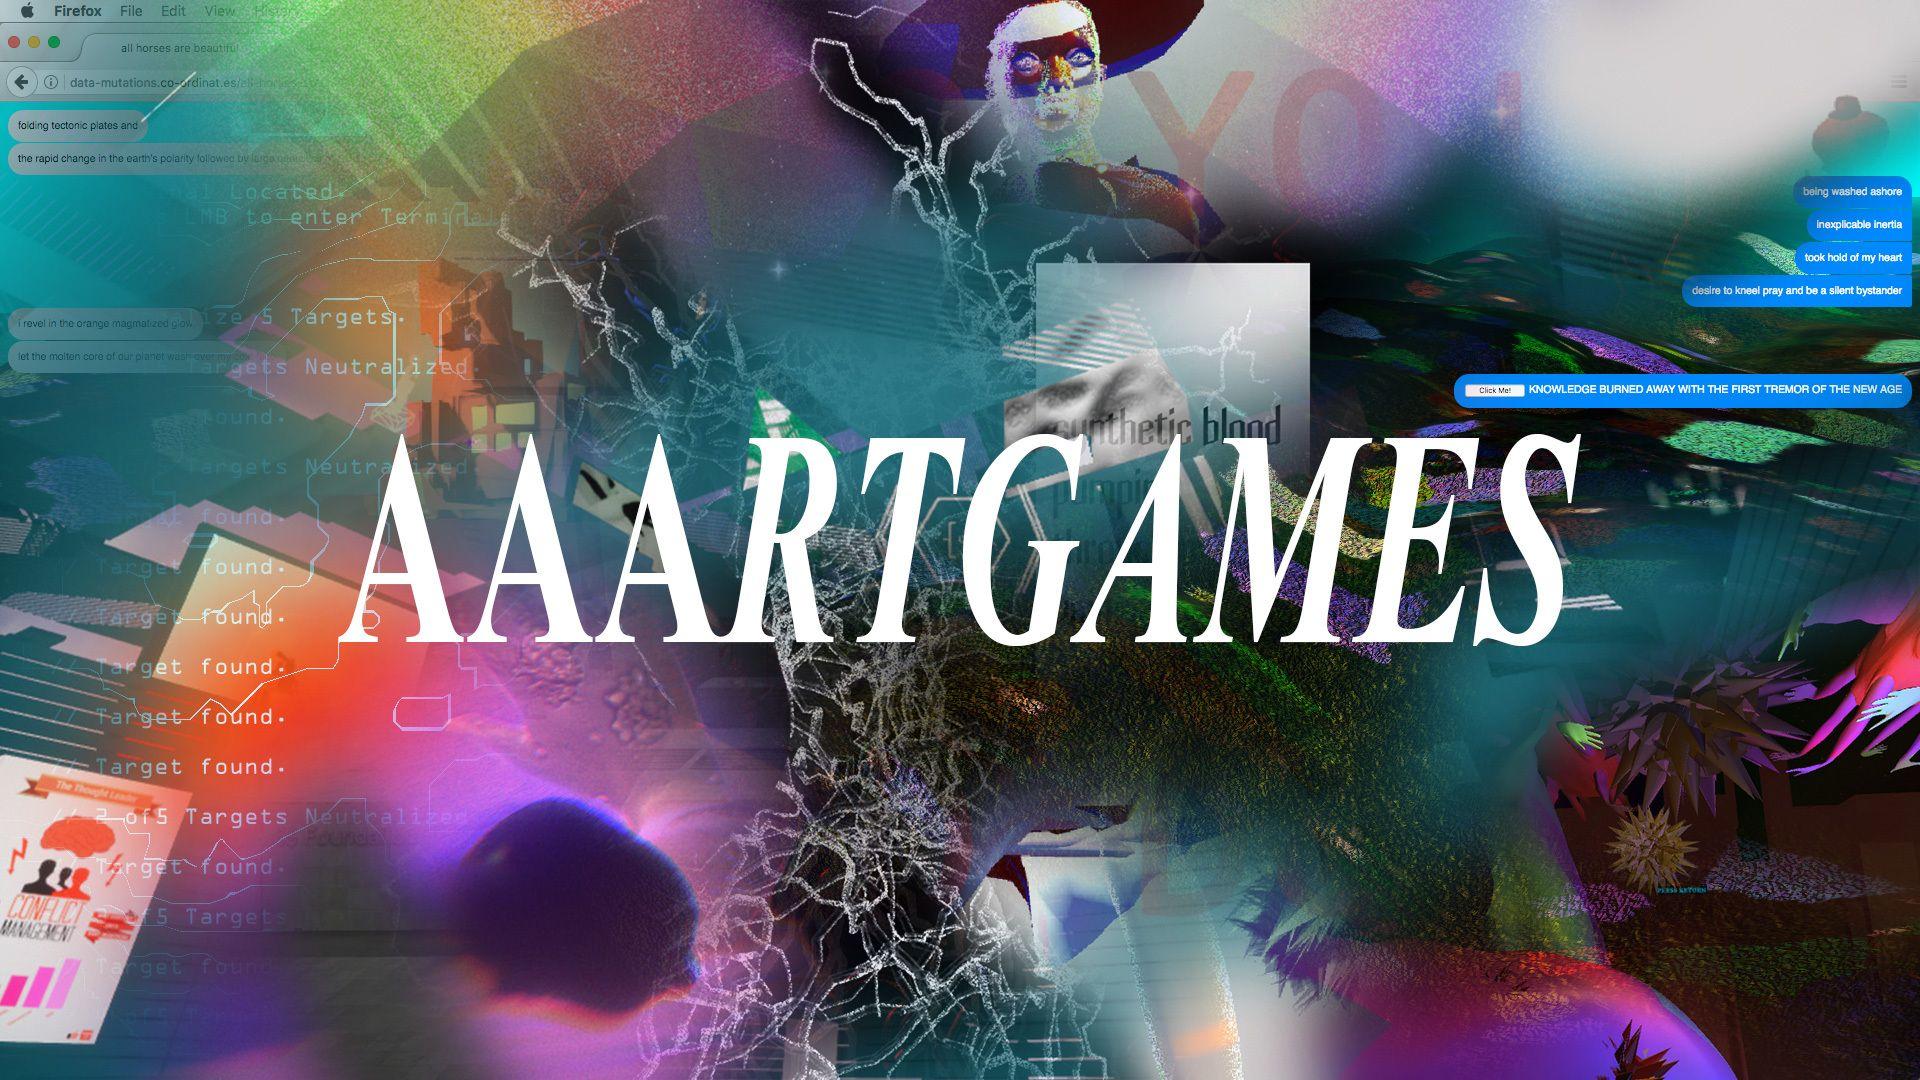 AAARTGAMES